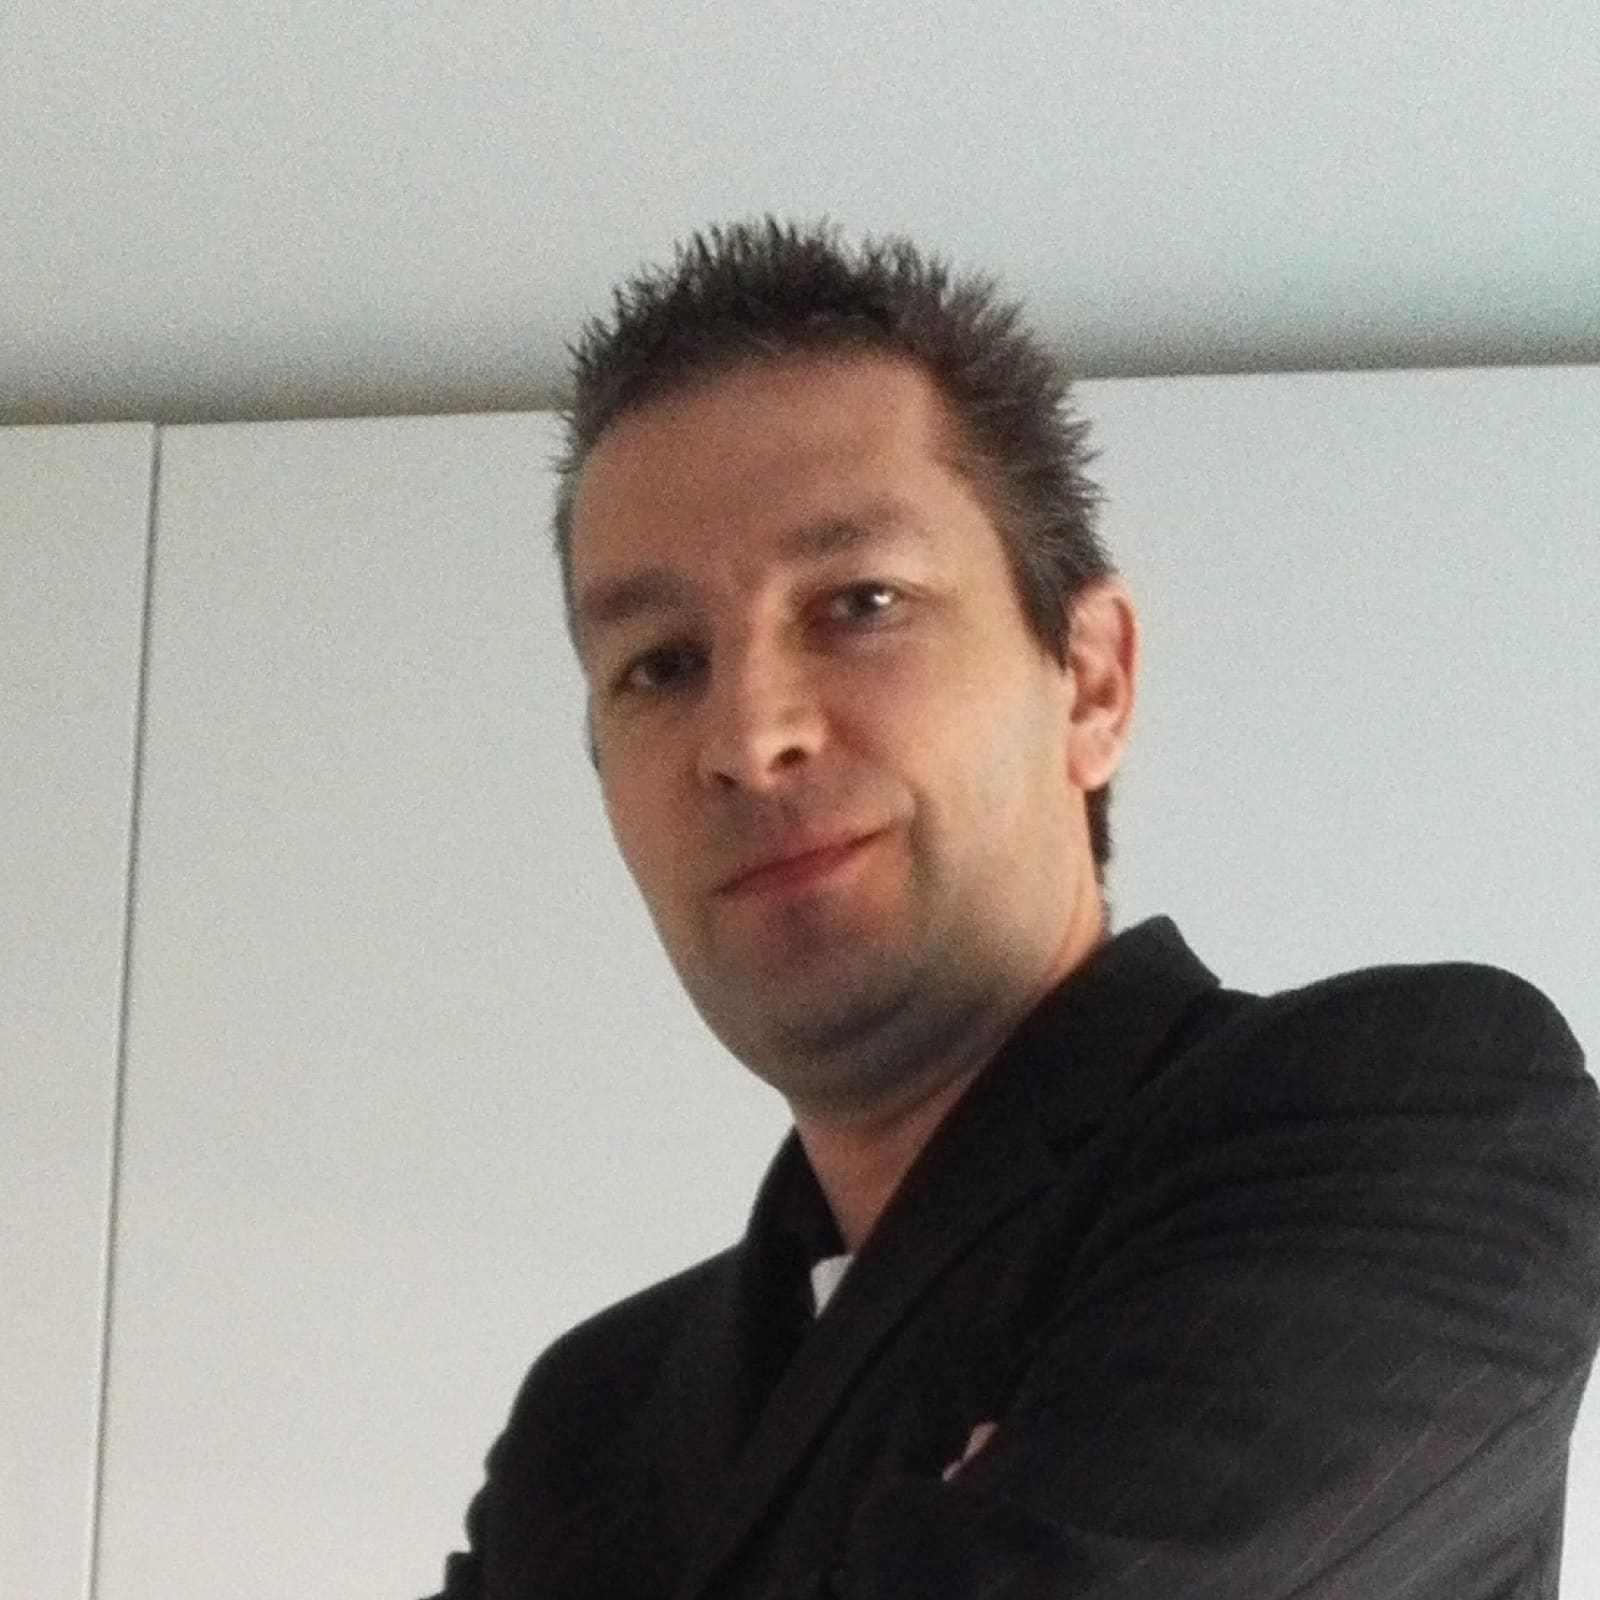 William de Lang - Boekhouder / Accountant in Uitgeest